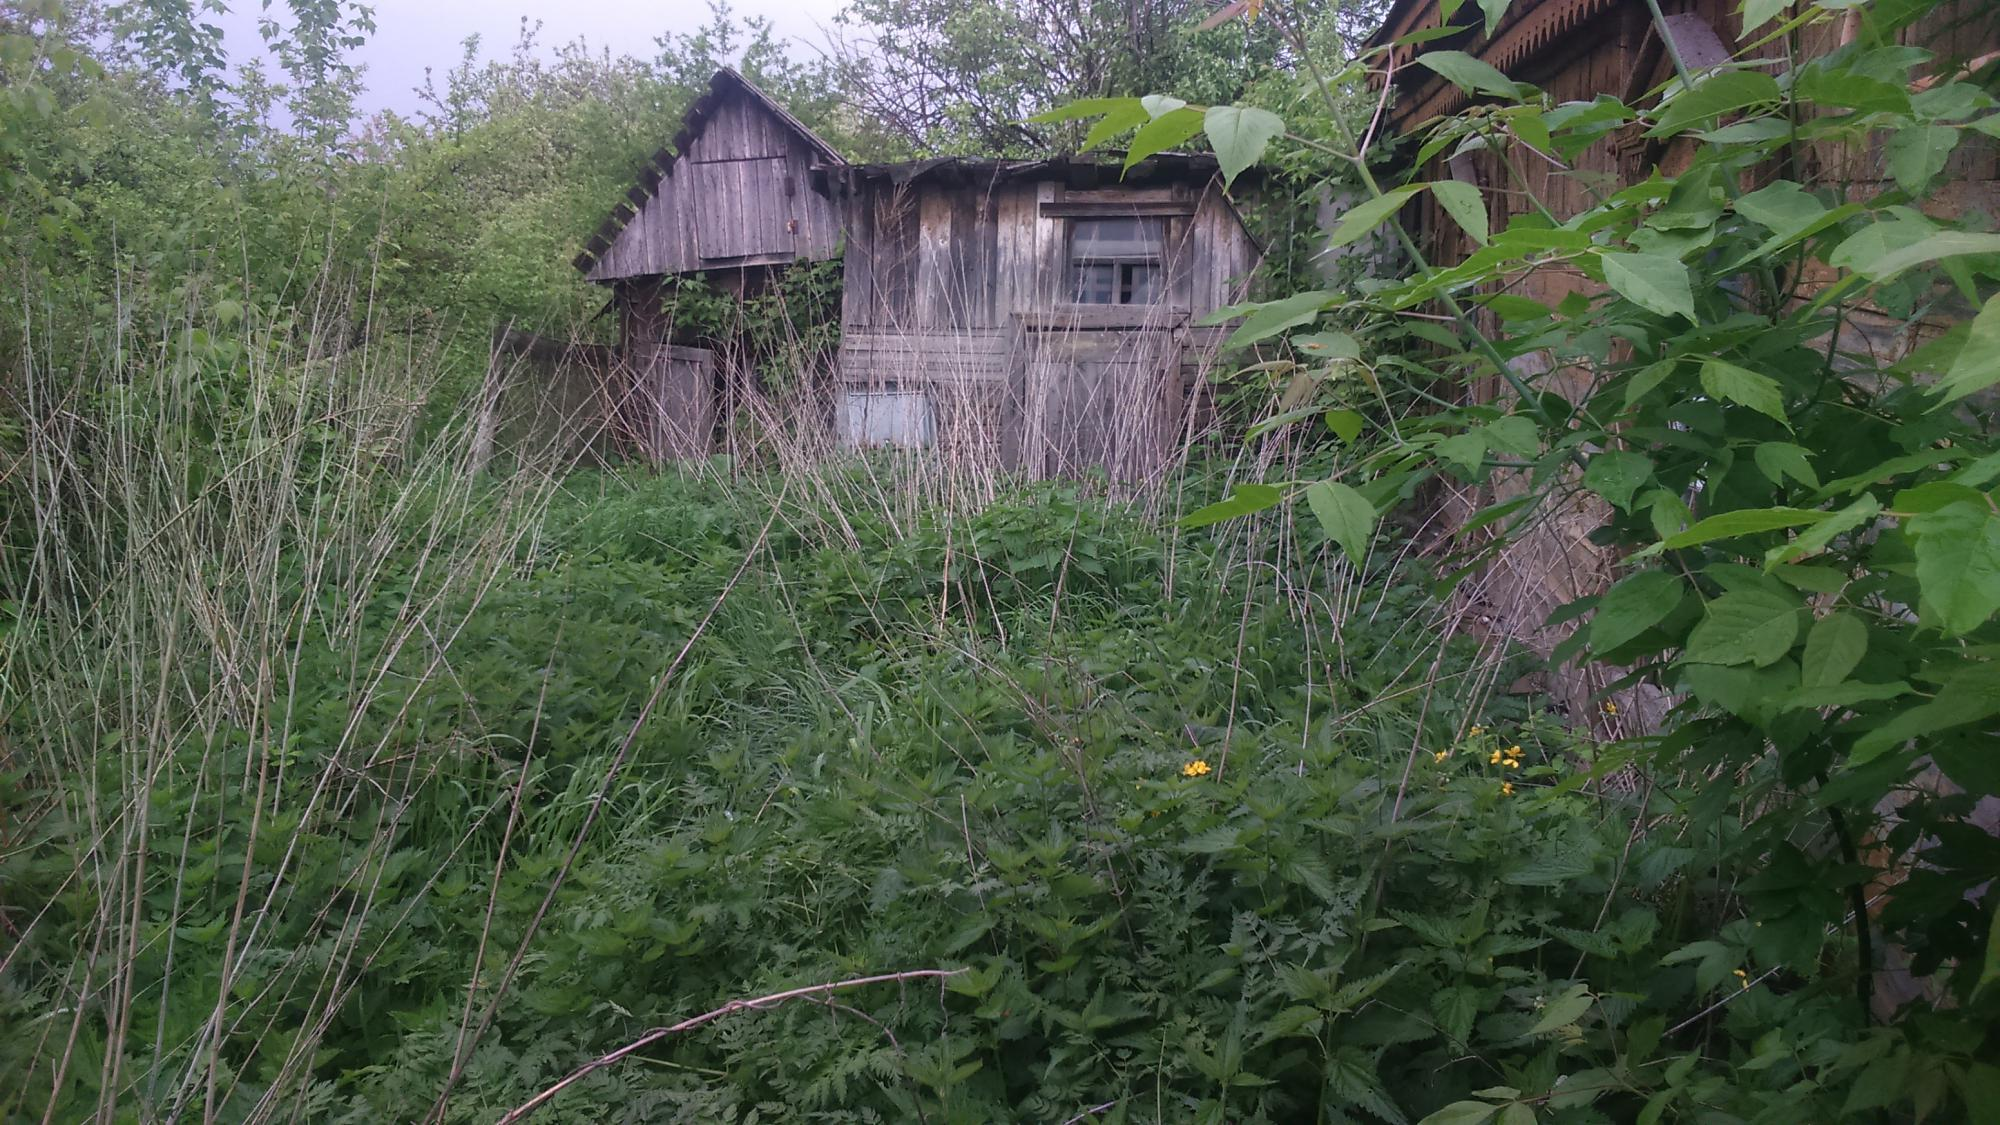 Объявления о продаже земельных участков в деревне ивлево без посредников с описаниями, фотографиями, ценами и контактами продавцов.